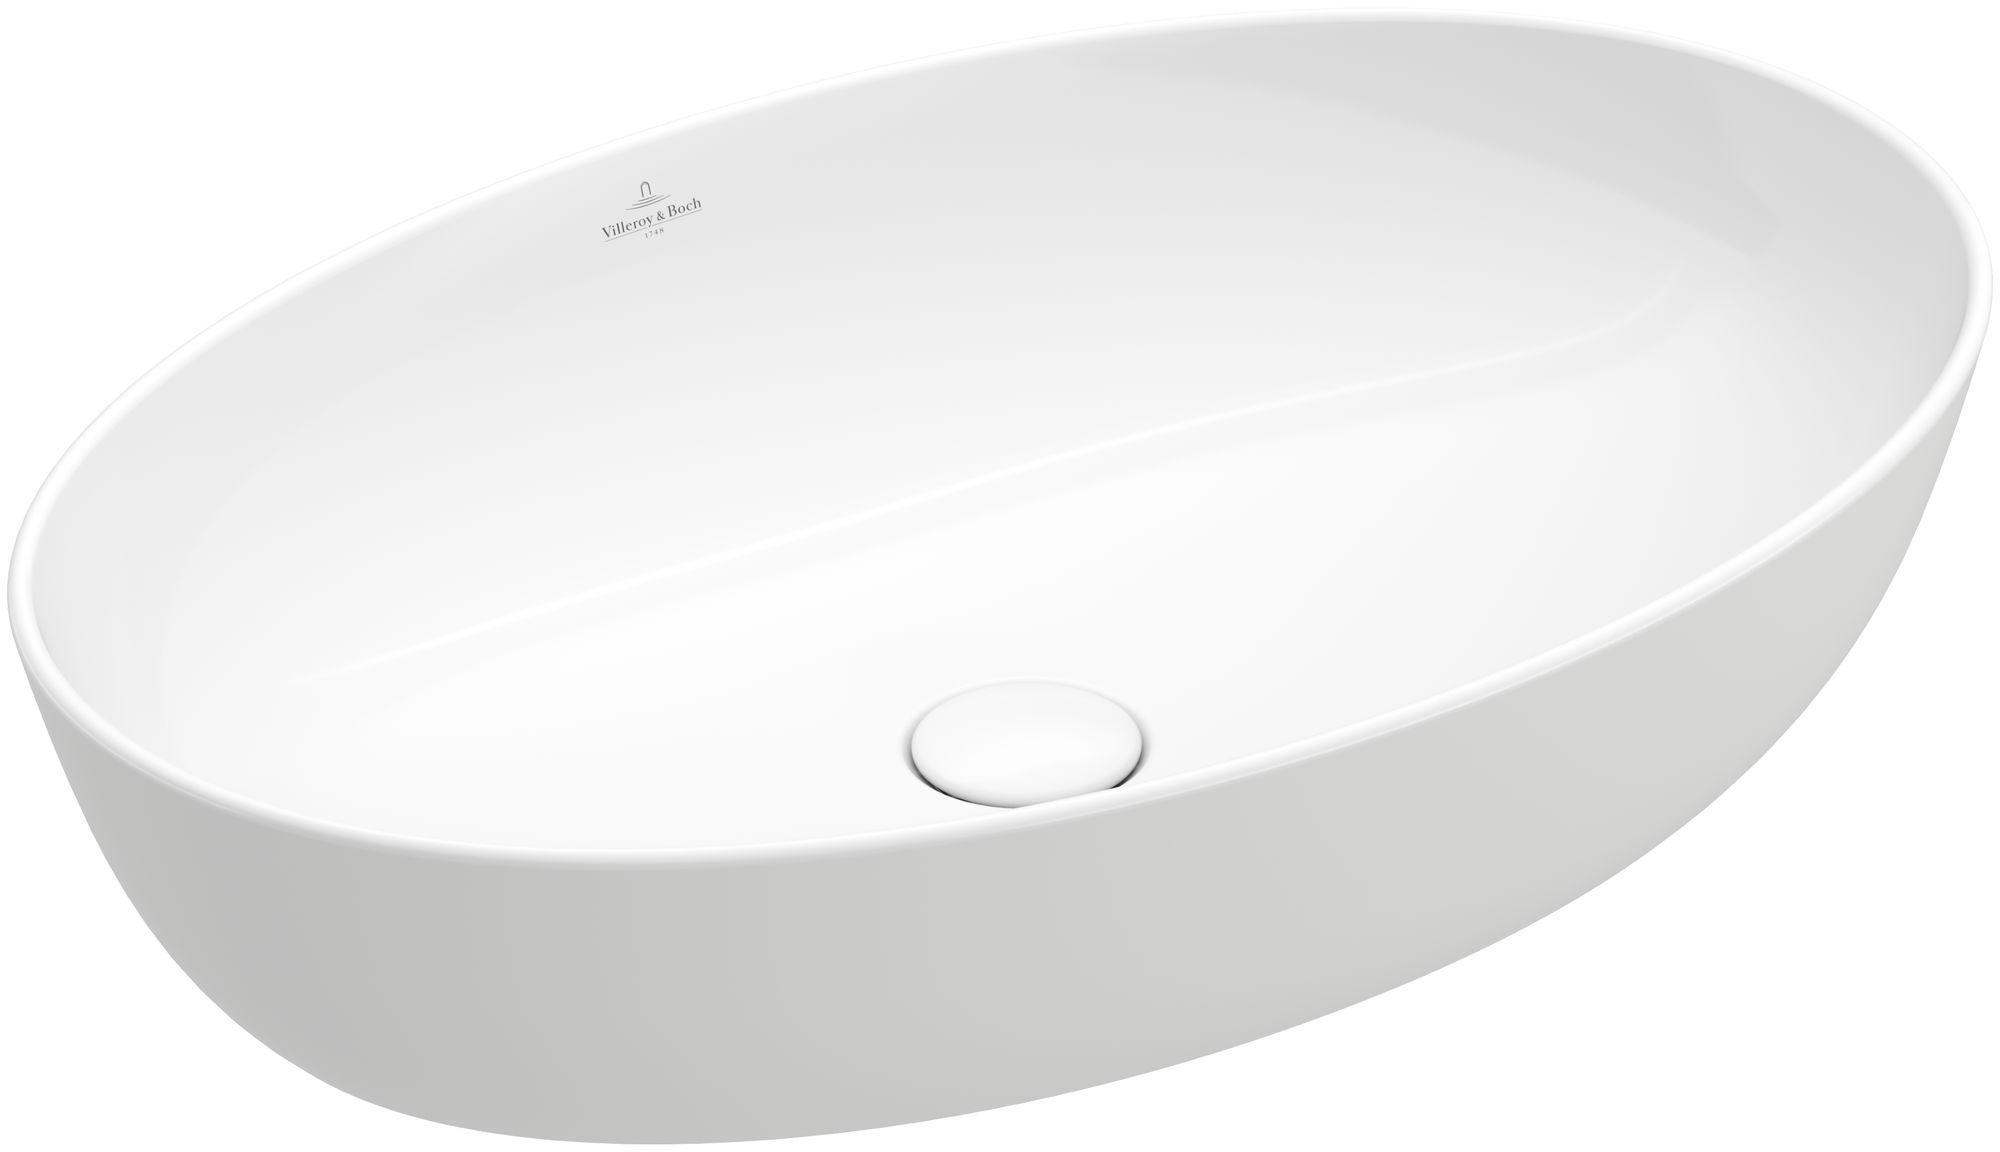 Villeroy & Boch Artis Aufsatzwaschtisch B:61xT:41cm ohne Hahnloch ohne Überlauf oval weiß mit CeramicPlus 419861R1